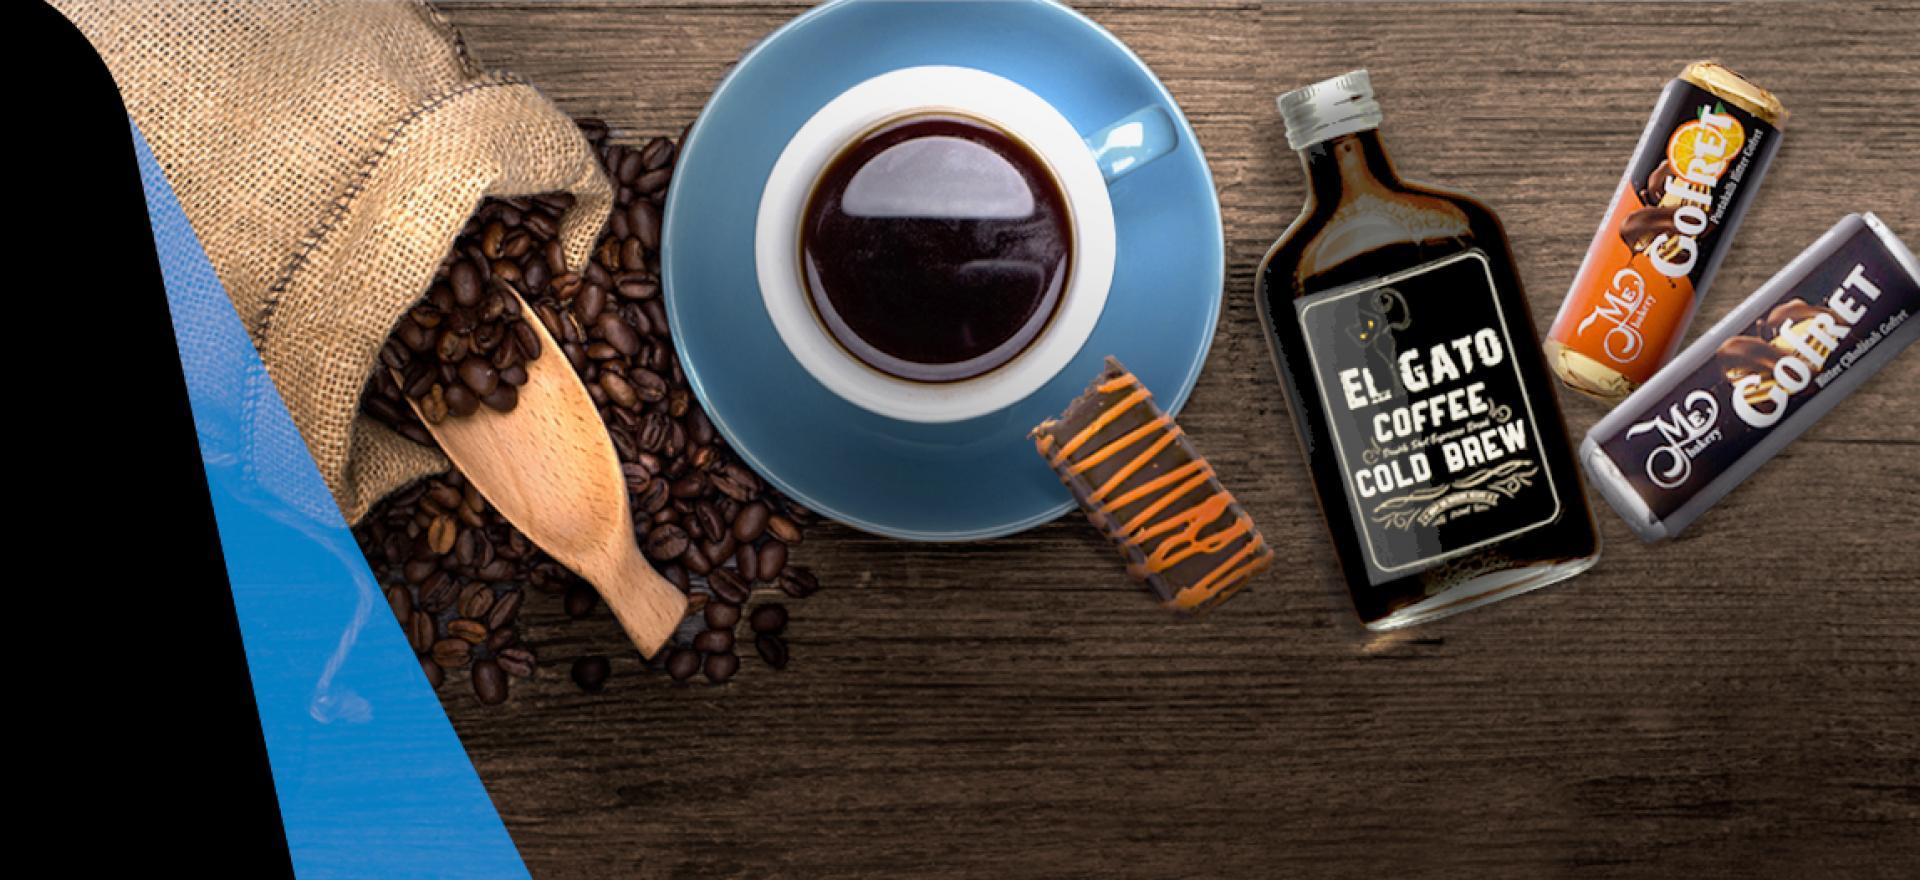 El Gato Soğuk Kahve ve<br>Me Bakery Gofret